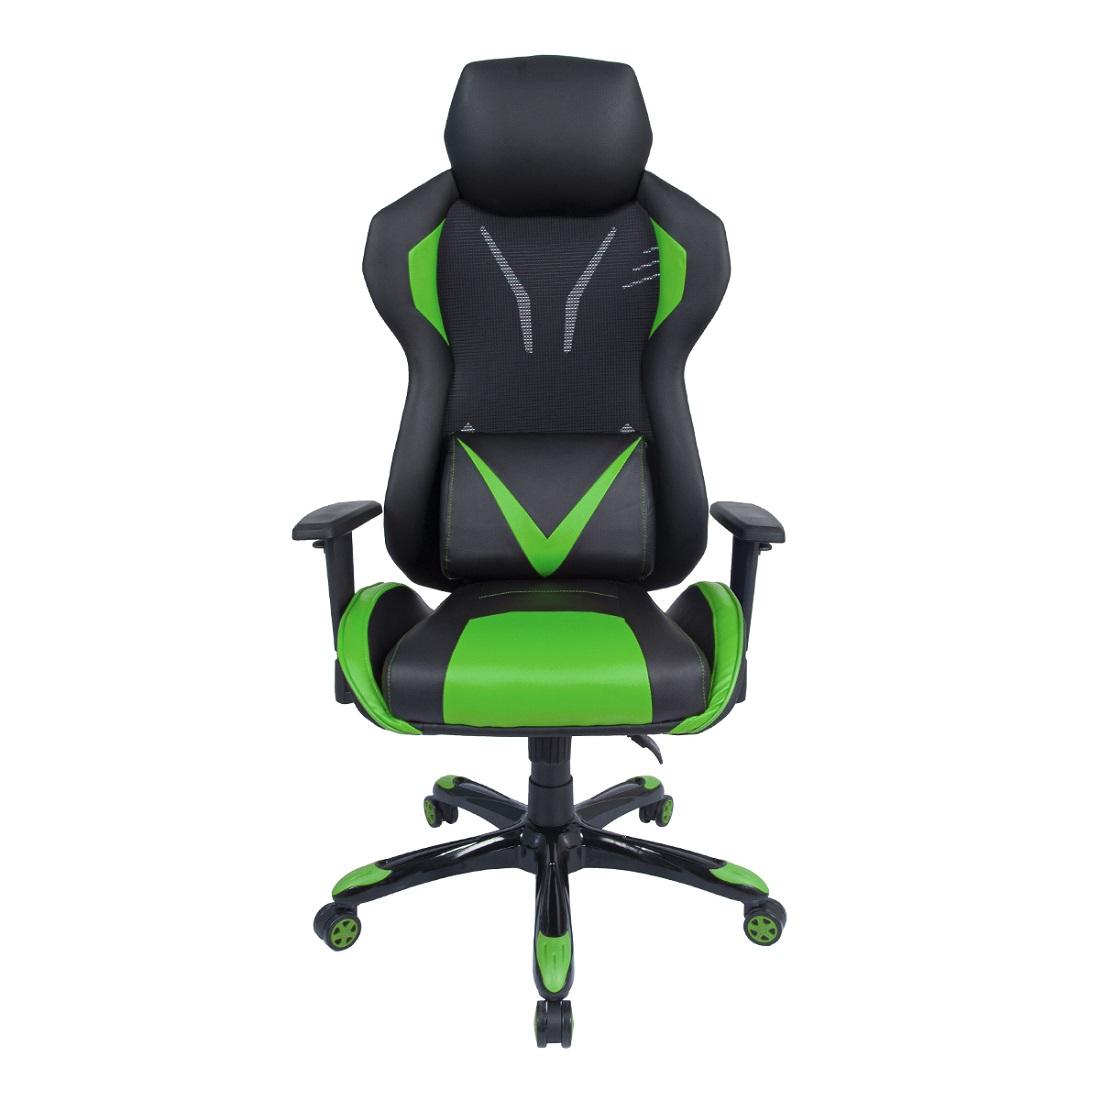 Cadeira Gamer Pelegrin em Couro PU Reclinável PEL-3015 Preta e Verde